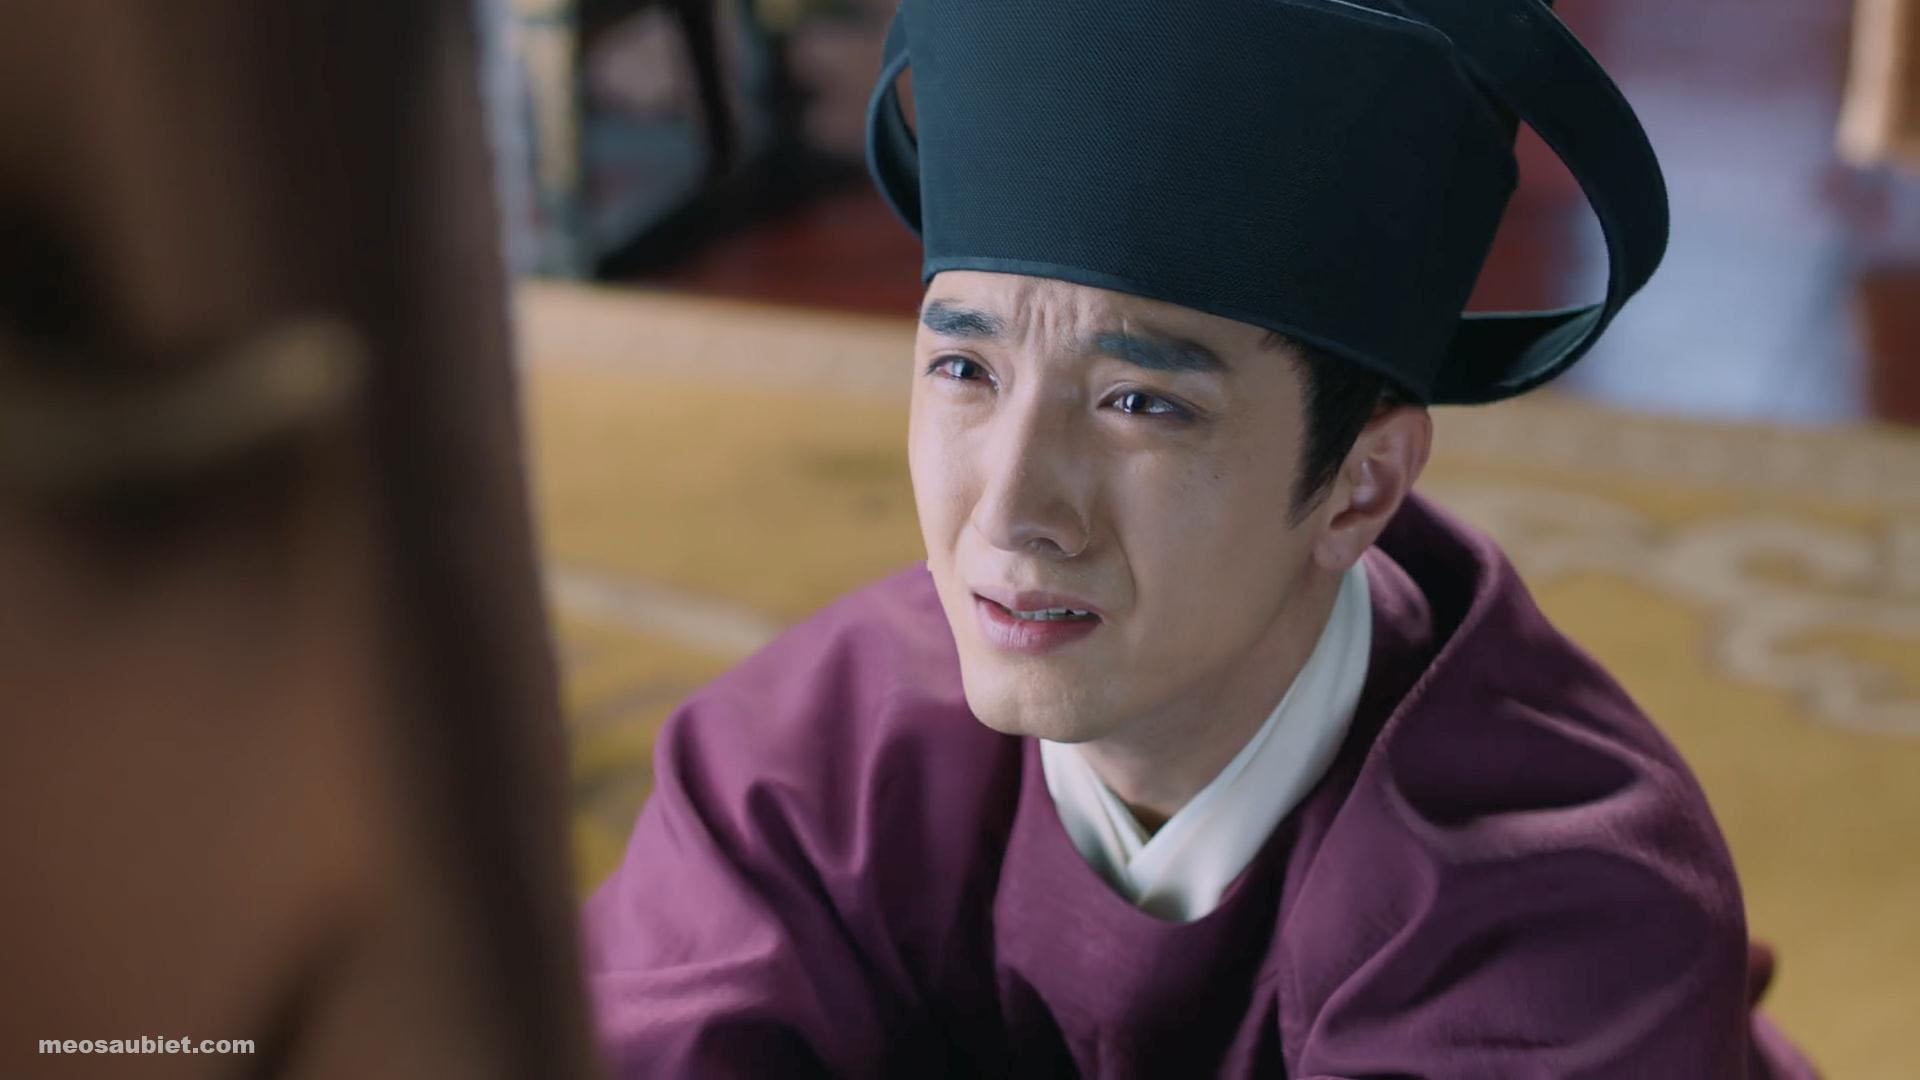 Hạc Lệ Hoa Đình 2019 trong Kim Hãn trong vai Tề vương Tiêu Định Đường